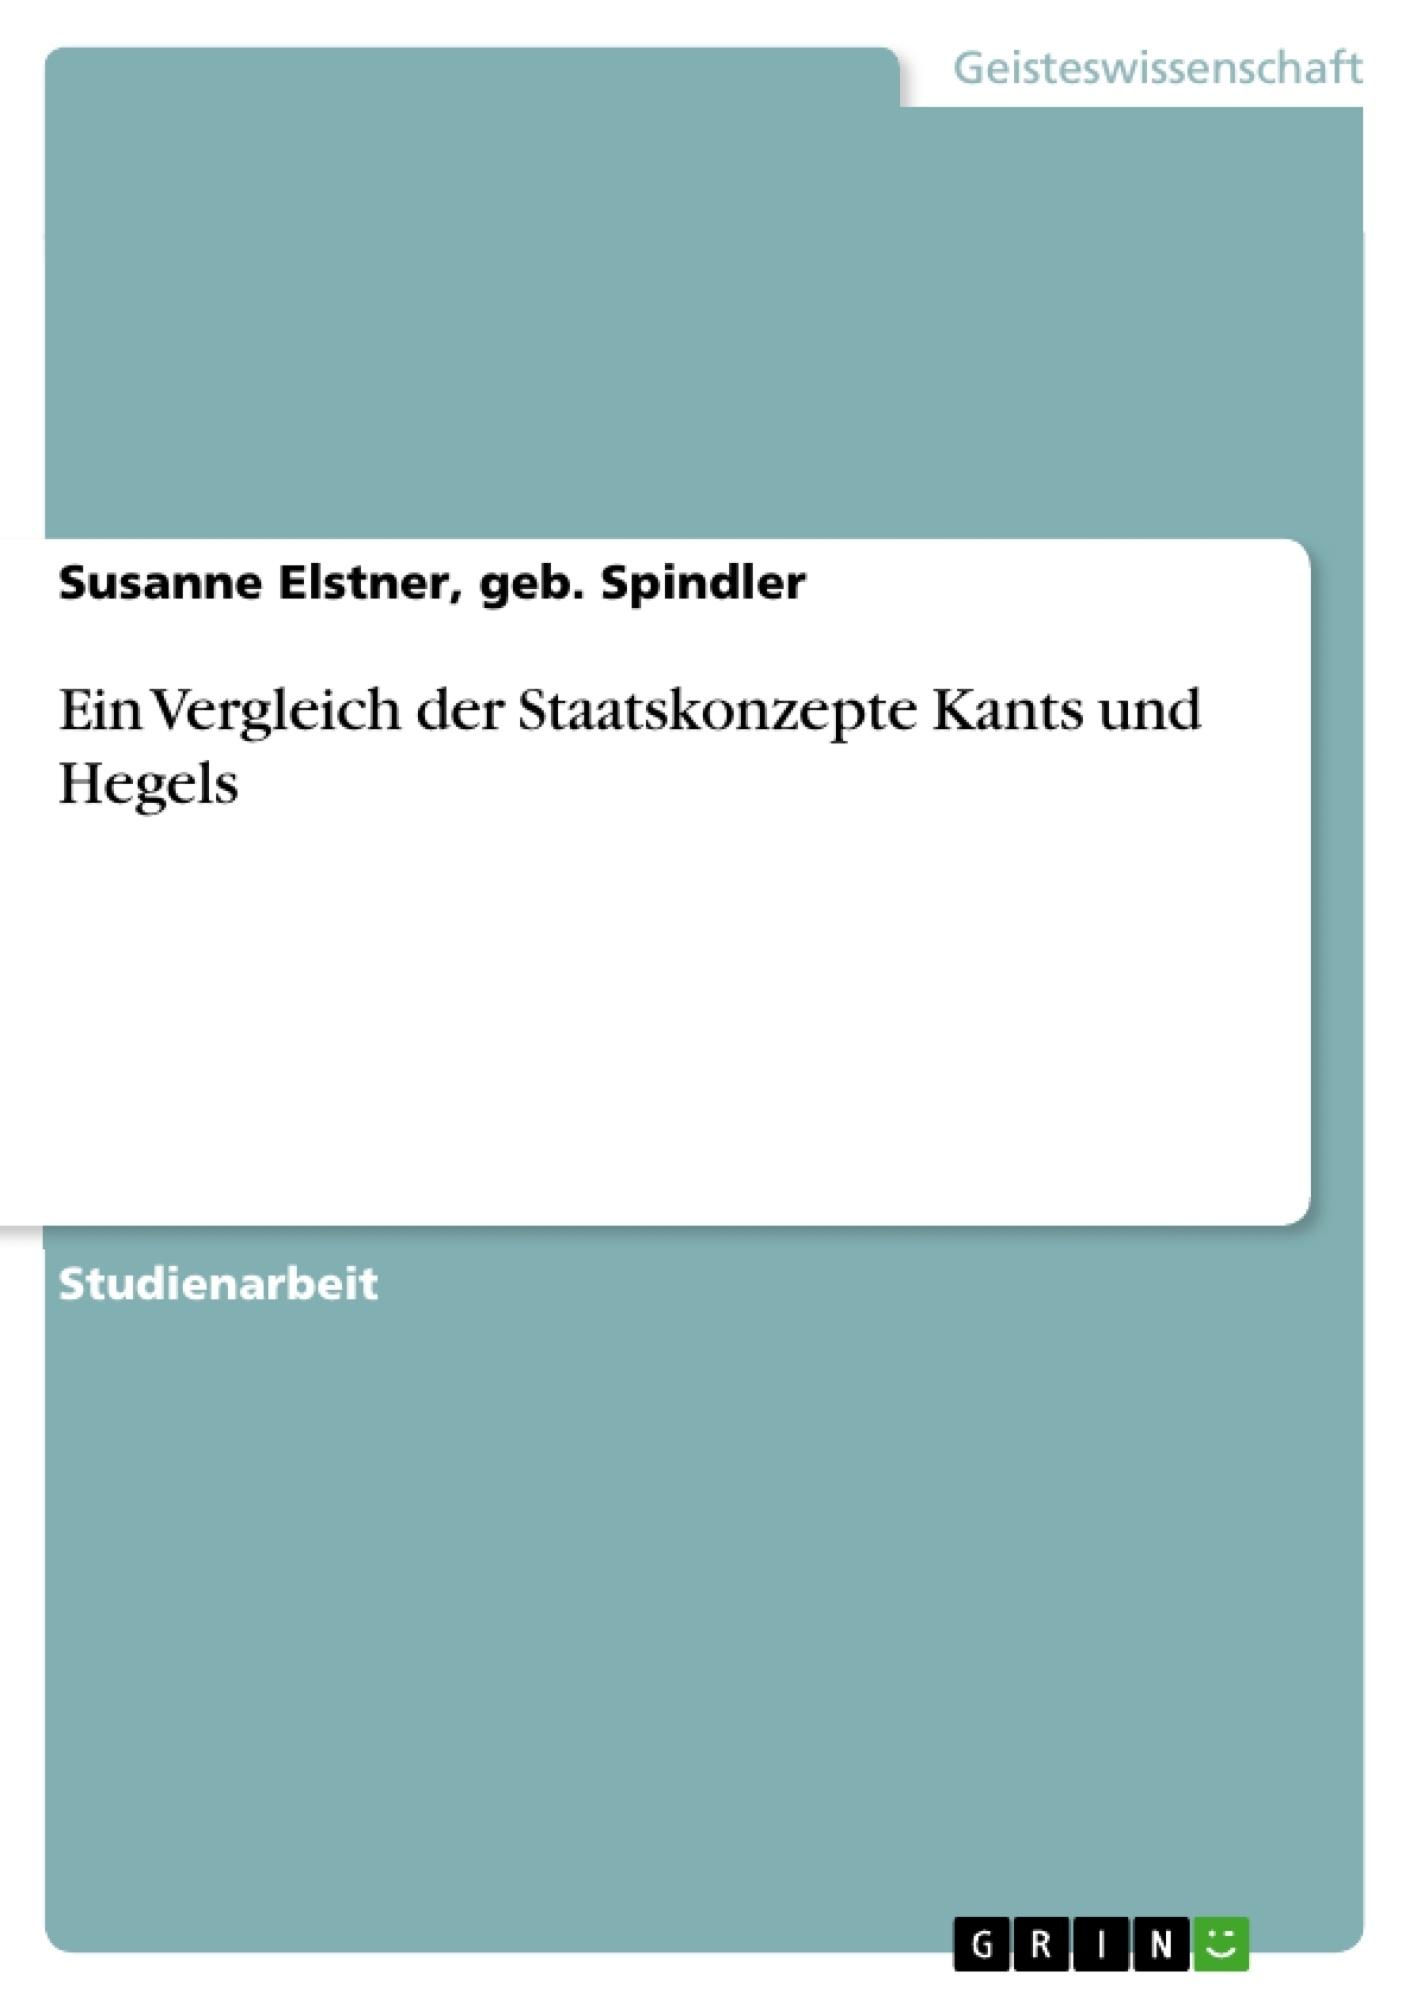 Titel: Ein Vergleich der Staatskonzepte Kants und Hegels